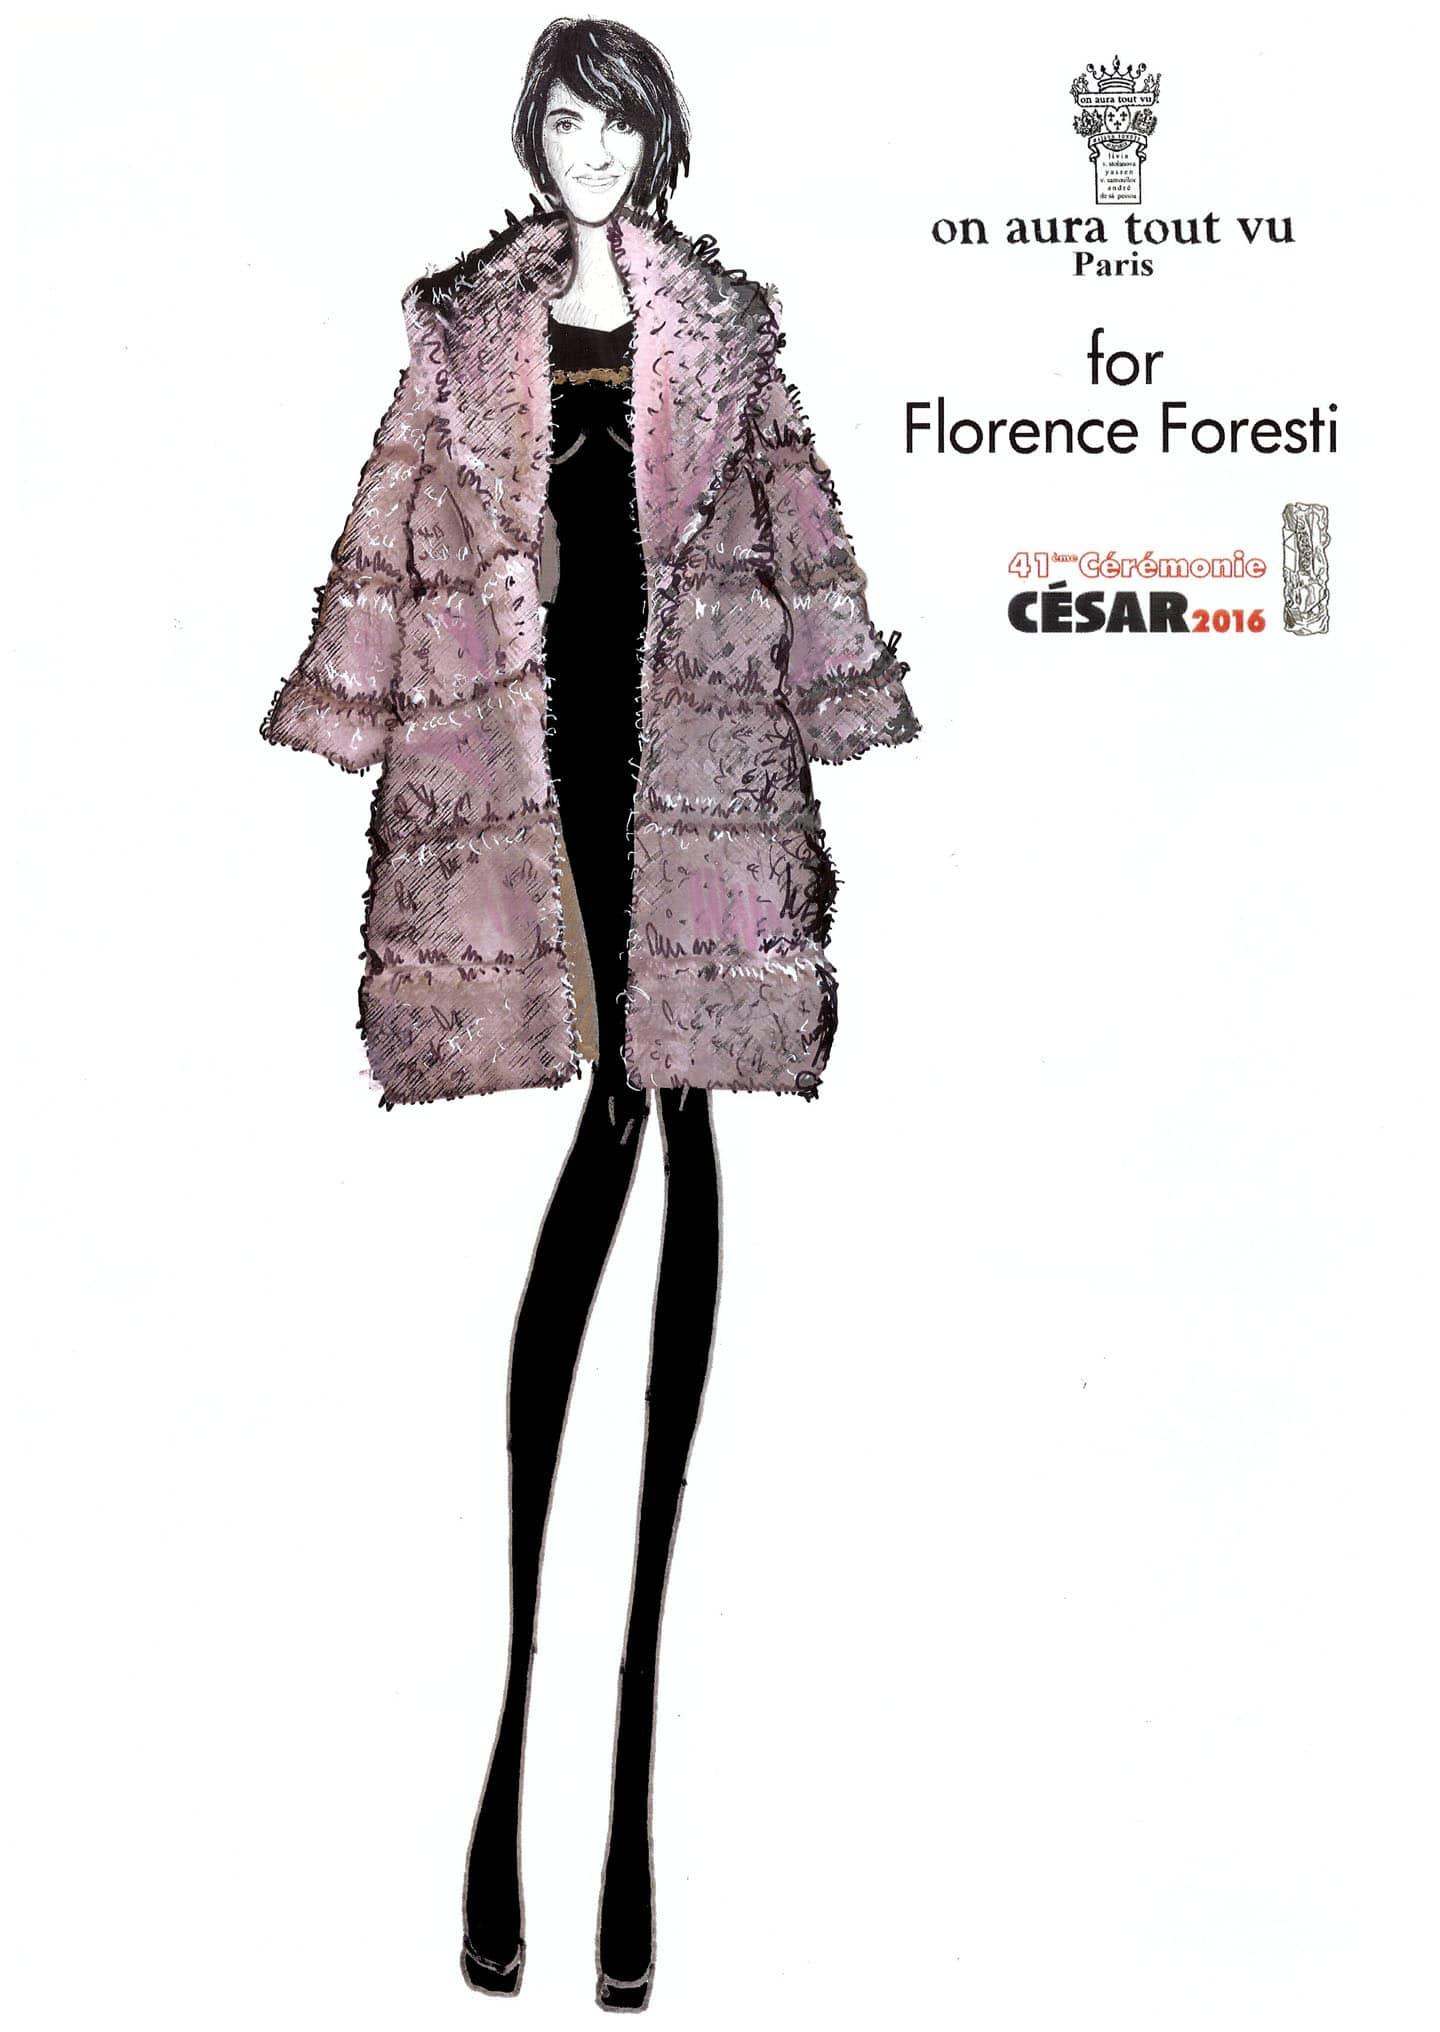 Florence_Foresti_on_aura_tout_vu_pour_cesar_2016_couture_coat